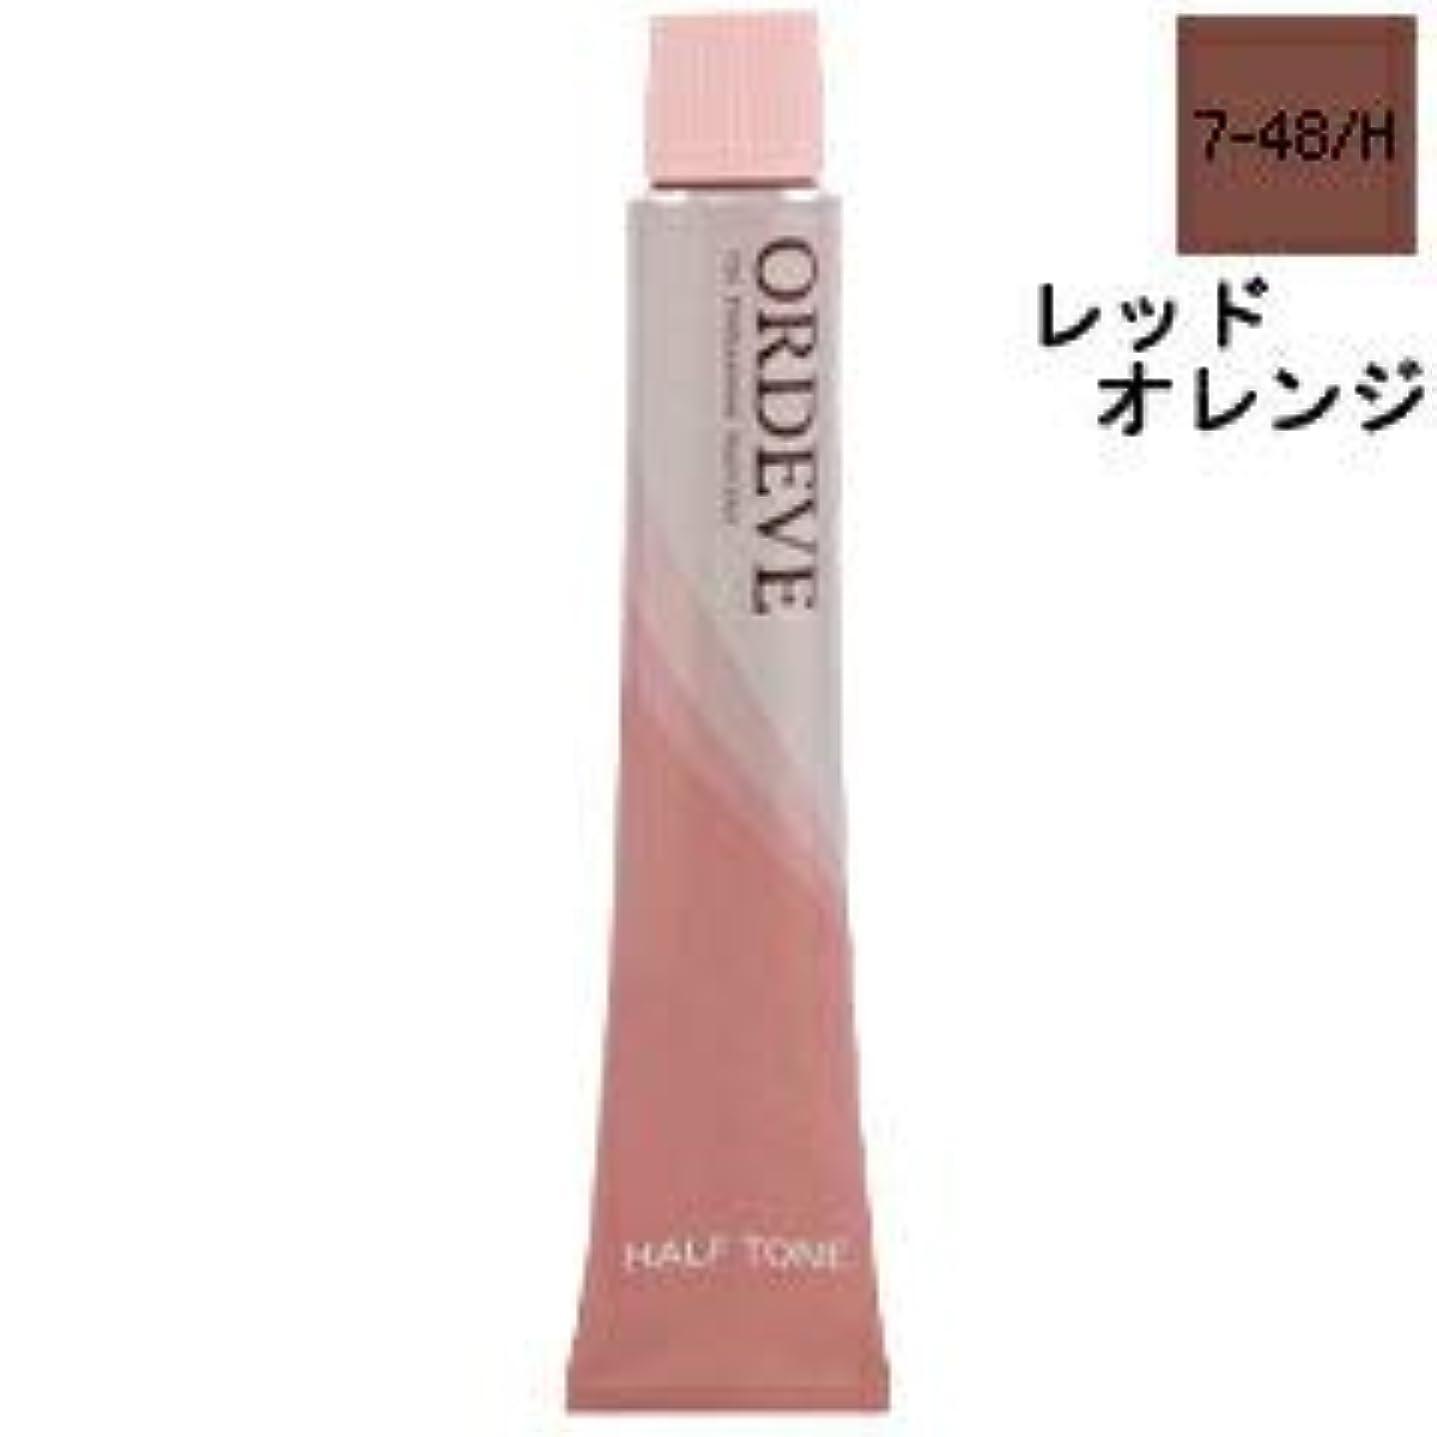 正規化液体のために【ミルボン】オルディーブ ハーフトーン #07-48/H レッドオレンジ 80g